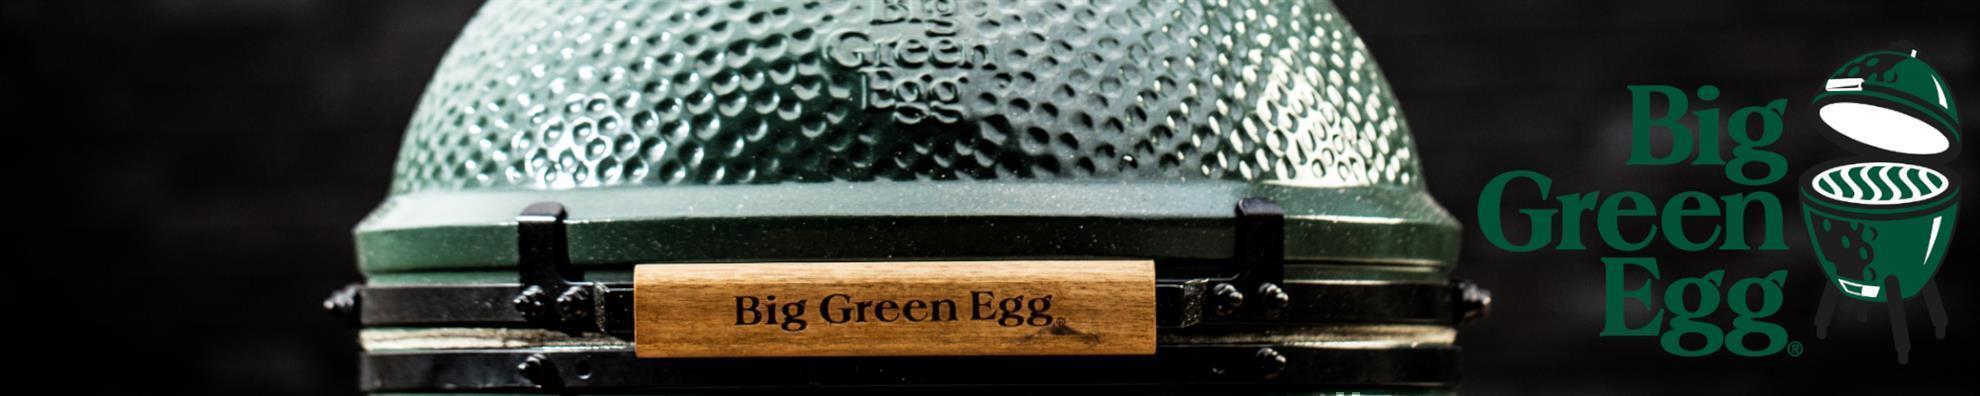 Big Green Egg - Ascheschieber XL/XXL